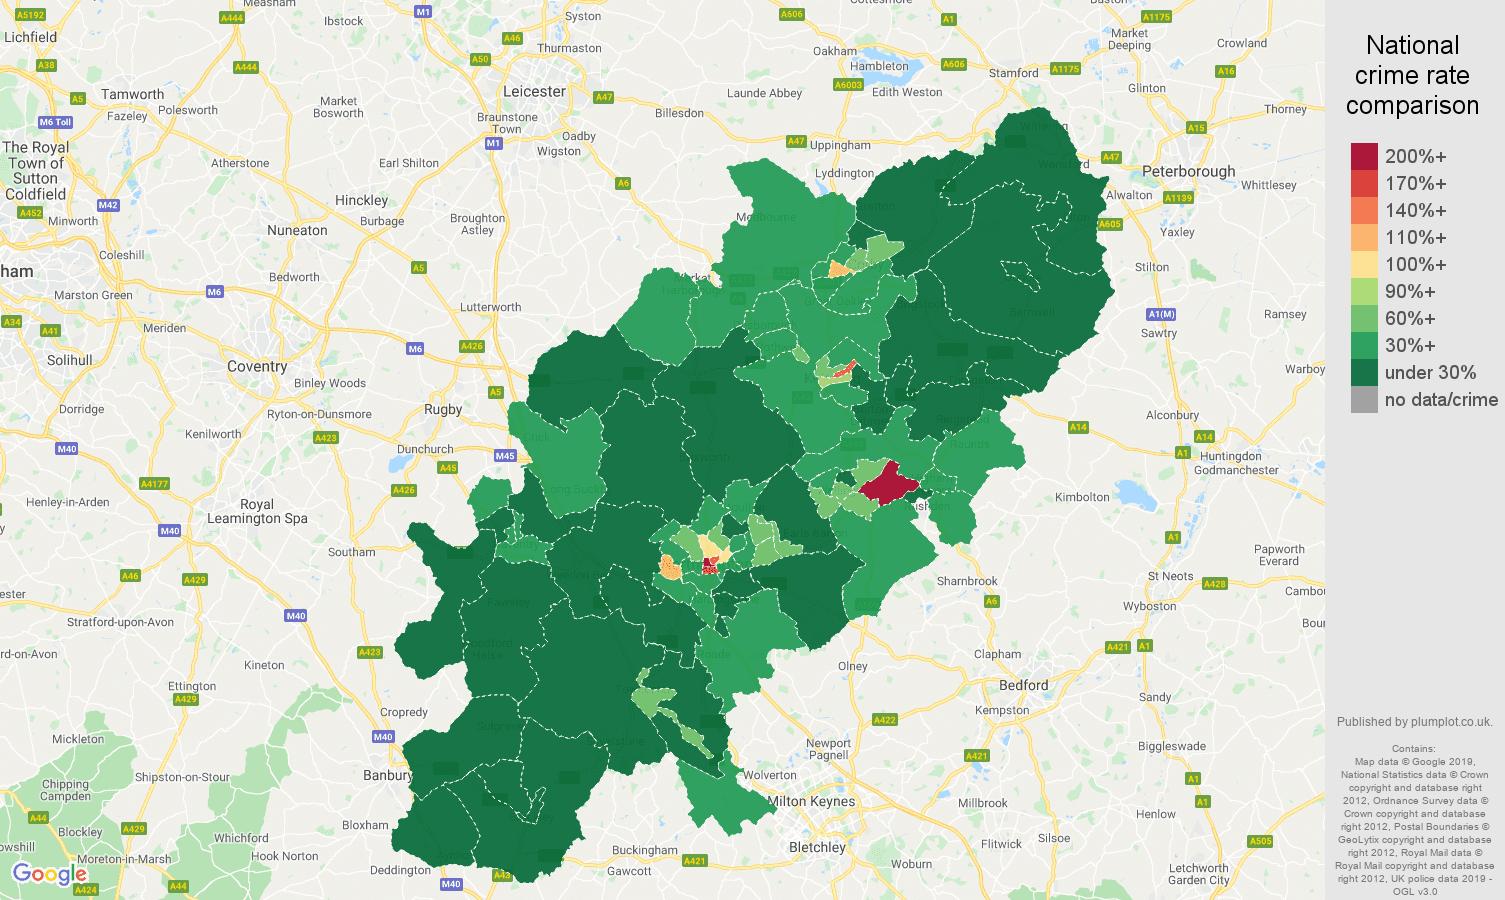 Northamptonshire public order crime rate comparison map